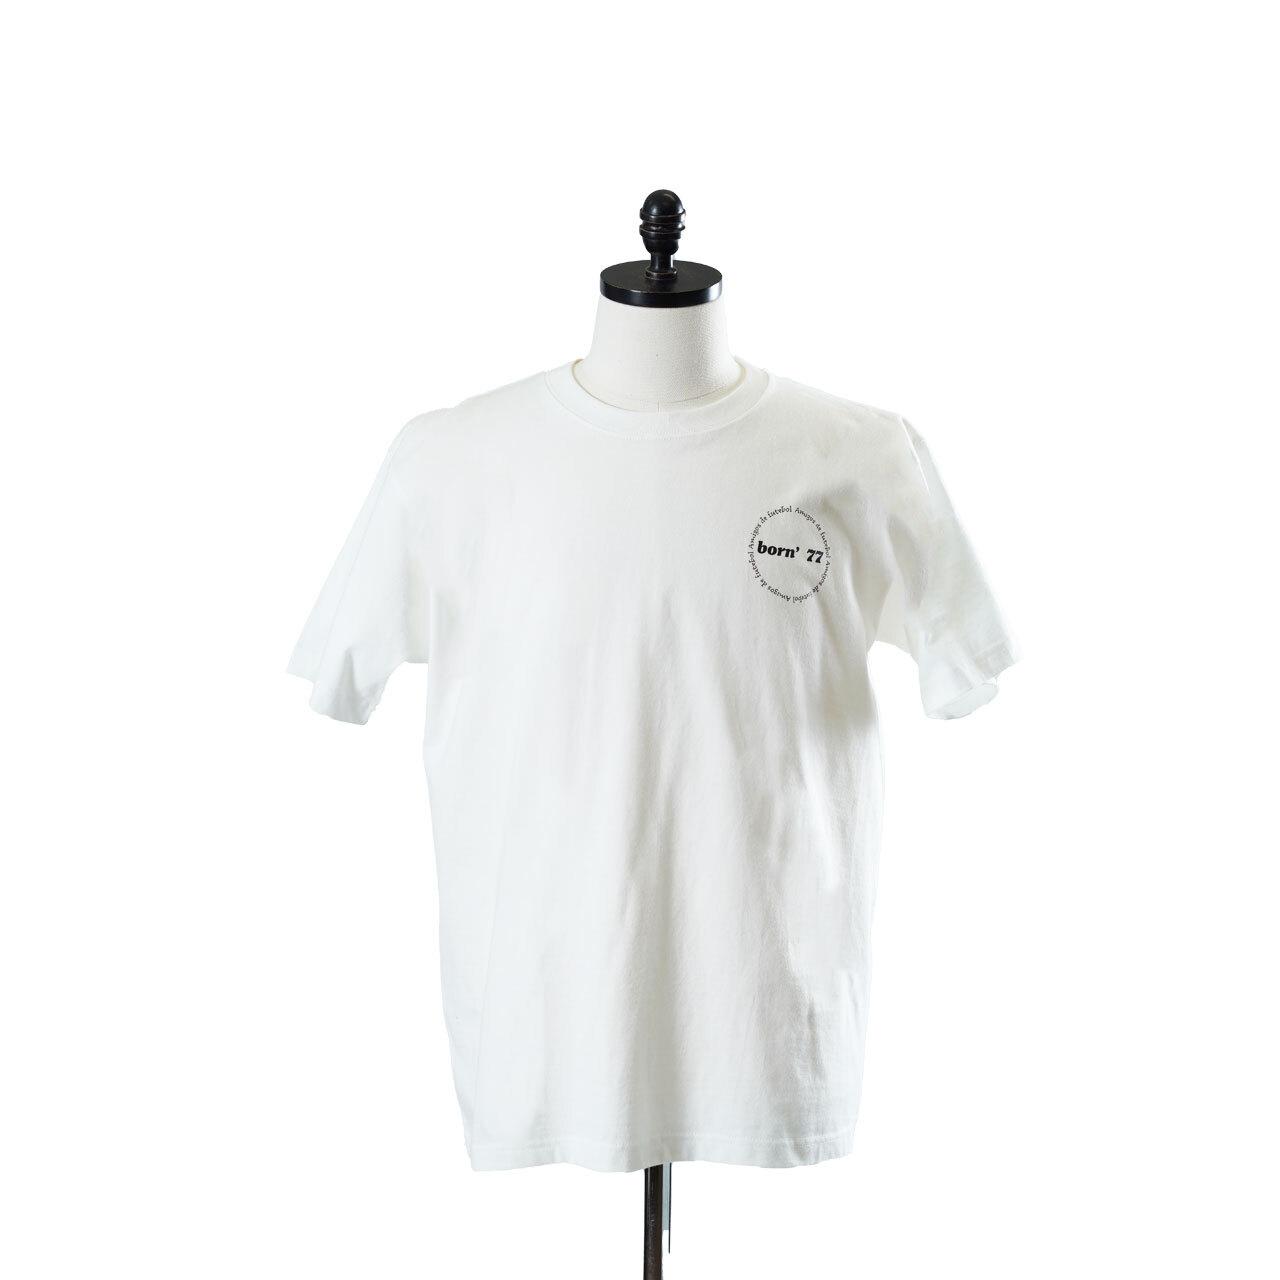 ナンバーTシャツ【8】(BOR0001)